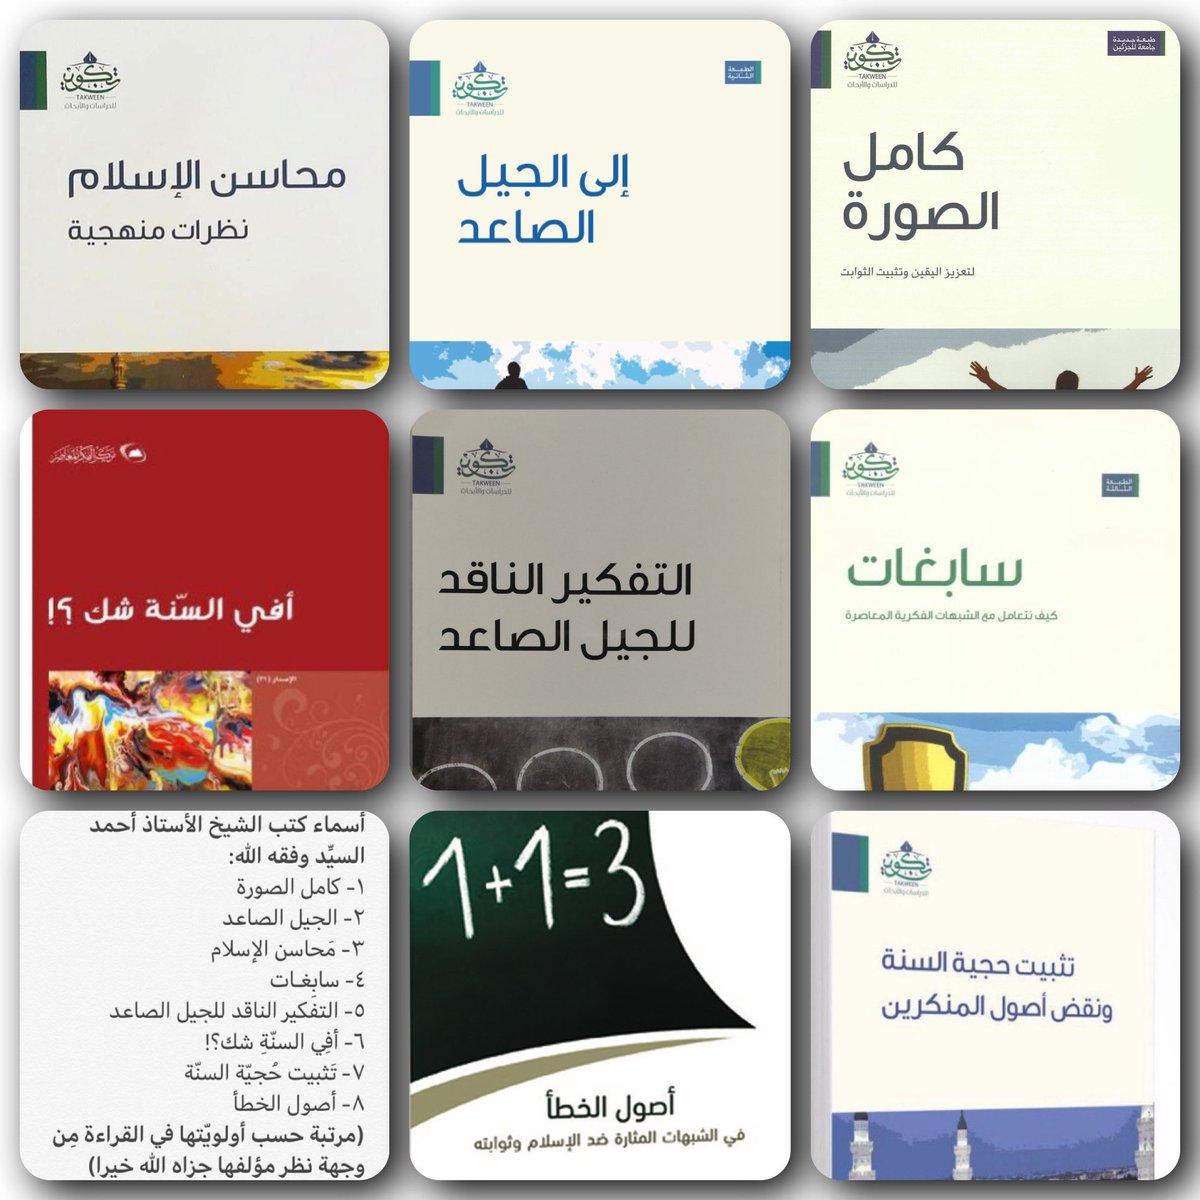 تحميل كتاب التفكير الناقد pdf أحمد السيد